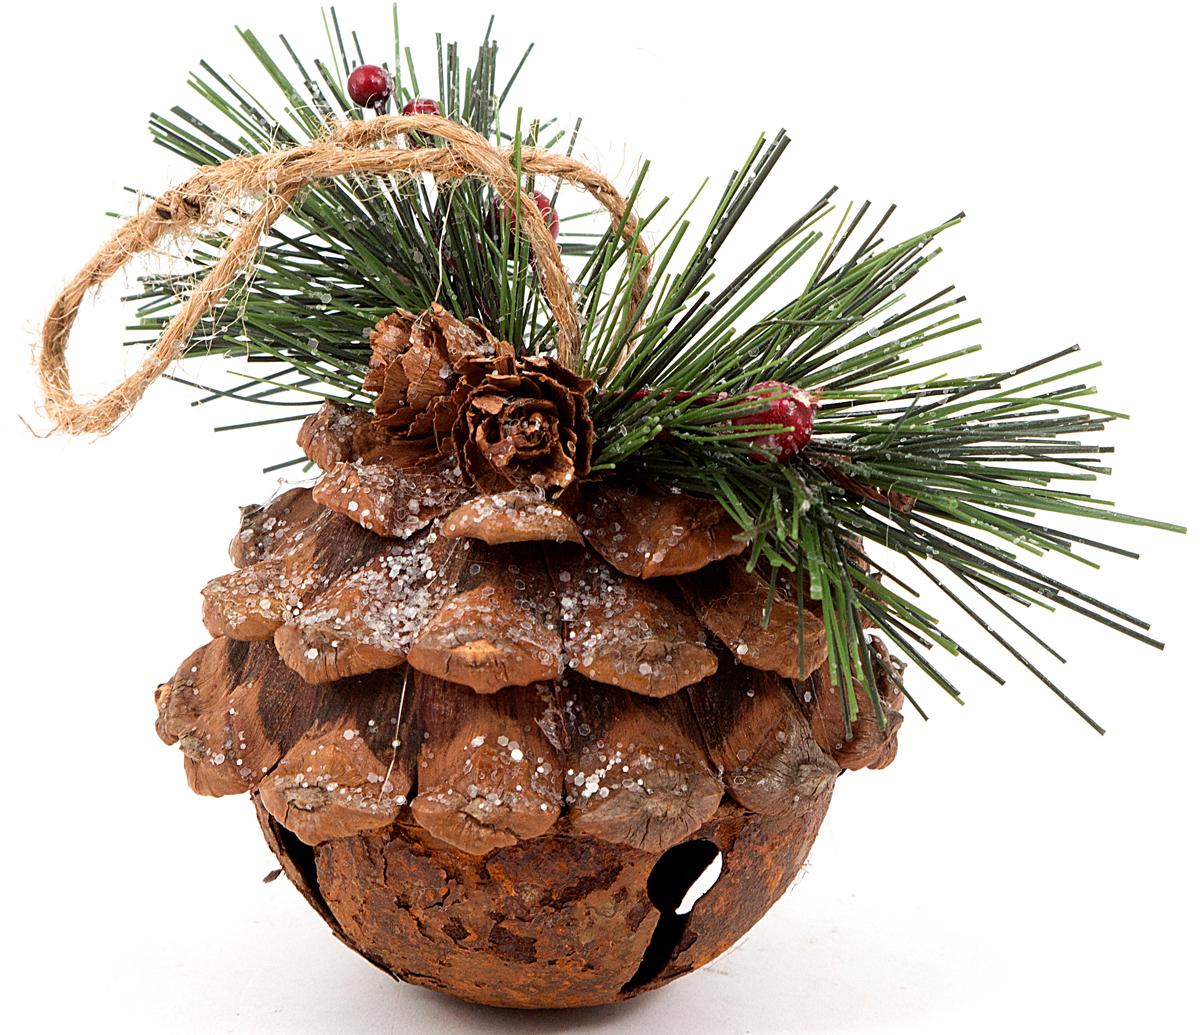 Игрушка ёлочная Шишка 8*8*9 см . 170693170693Елочная игрушка, символ приближающегося праздника. Она послужит прекрасным подарком как для ребенка , так и для взрослого, а так же дополнит новогодний интерьер.